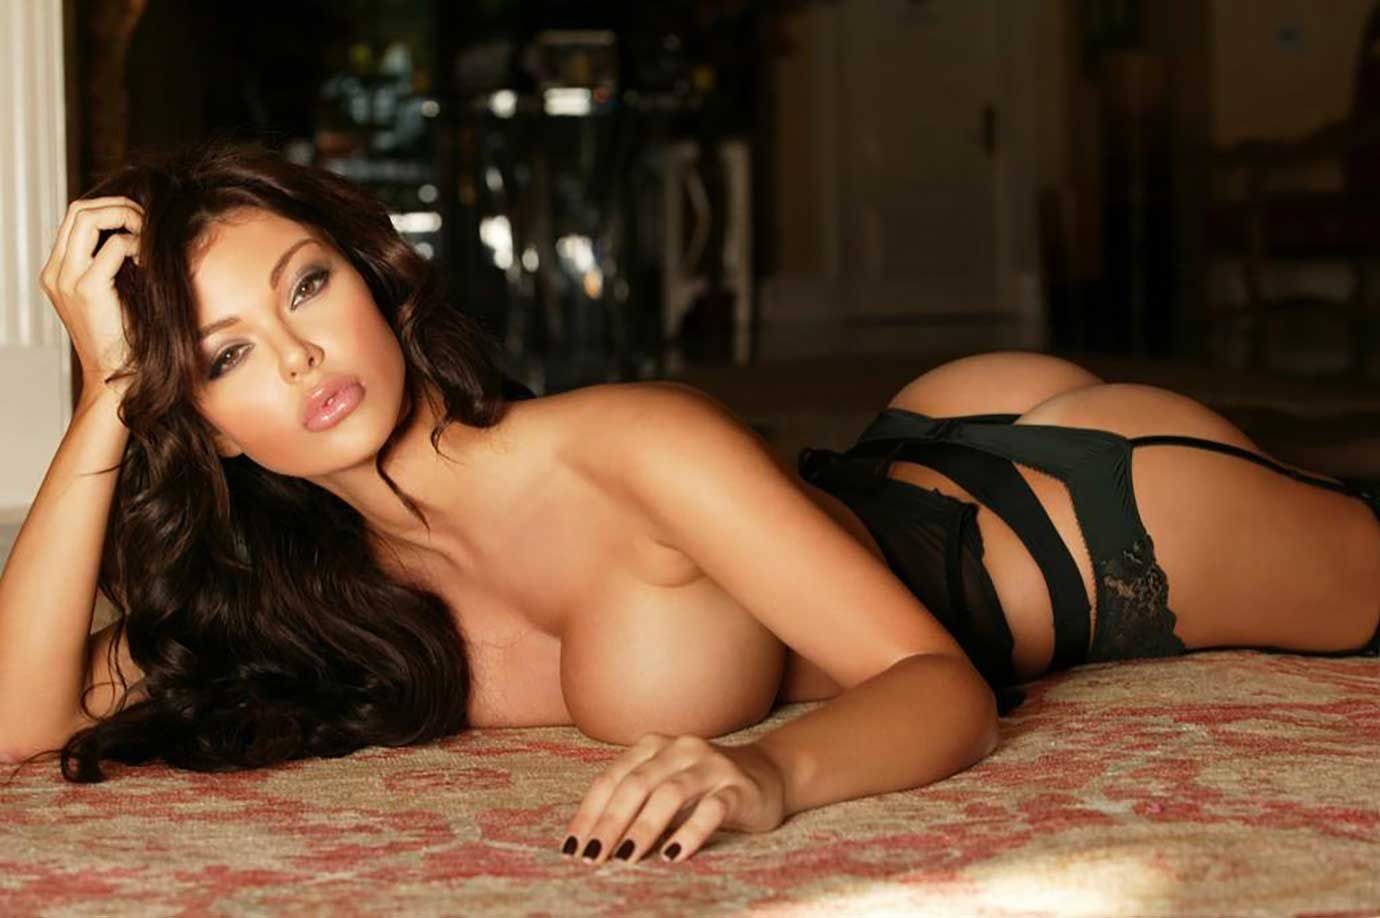 Самые сексуальные девушки всех времен, Самые красивые женщины всех времён по версии 20 фотография